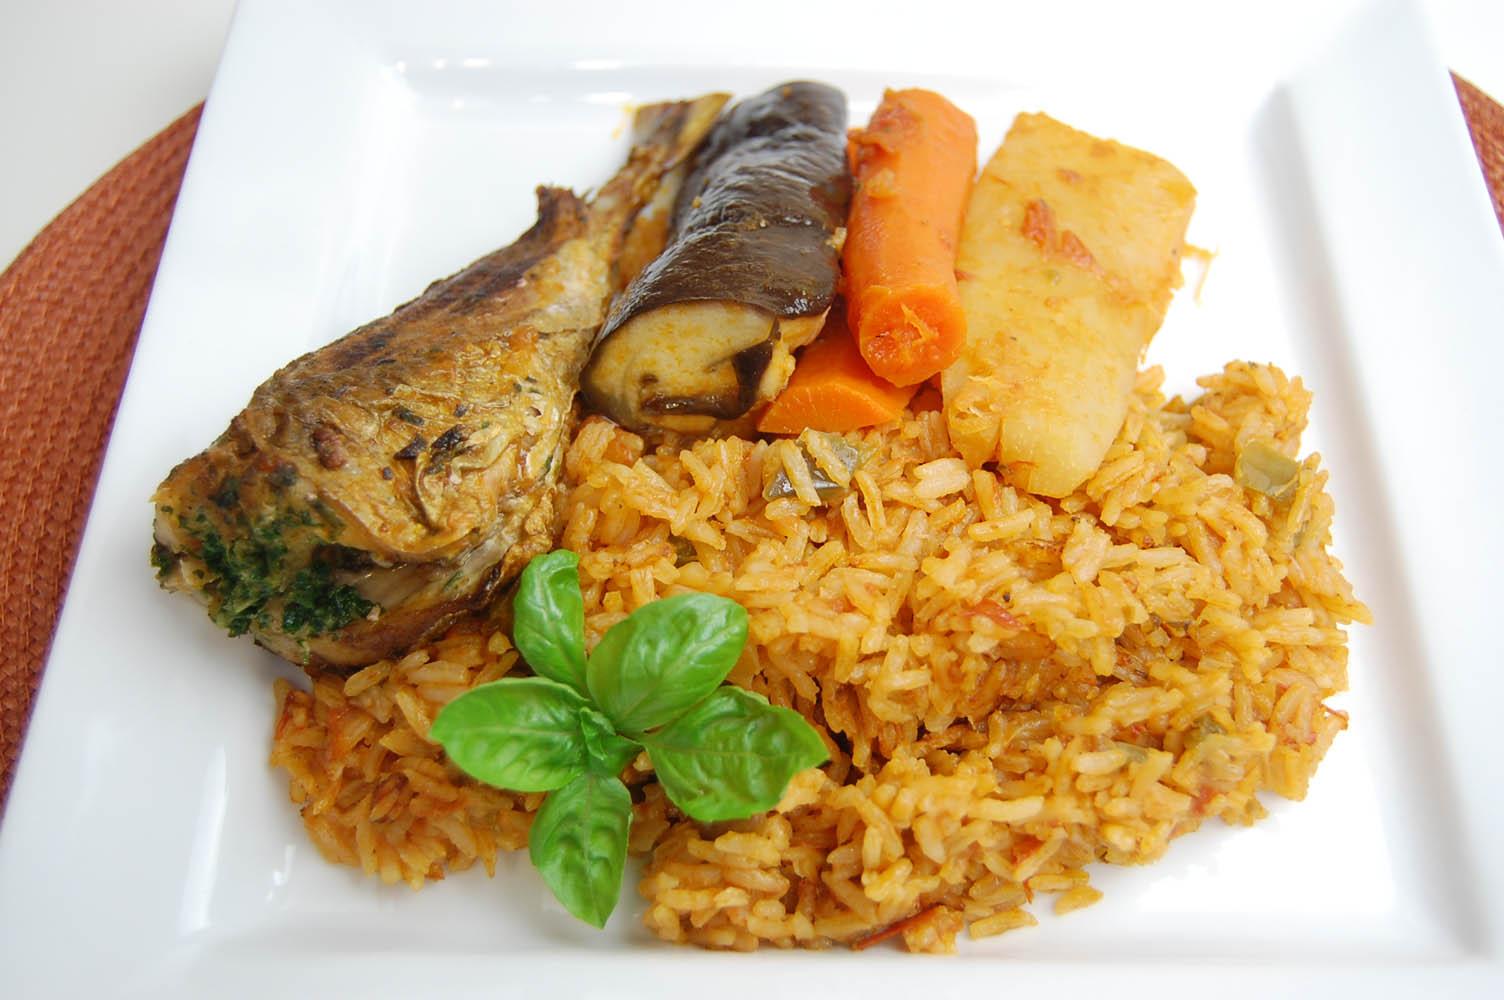 Riz au gras thieboudienne afrique de l 39 ouest par for Nourriture poisson rouge pour une semaine